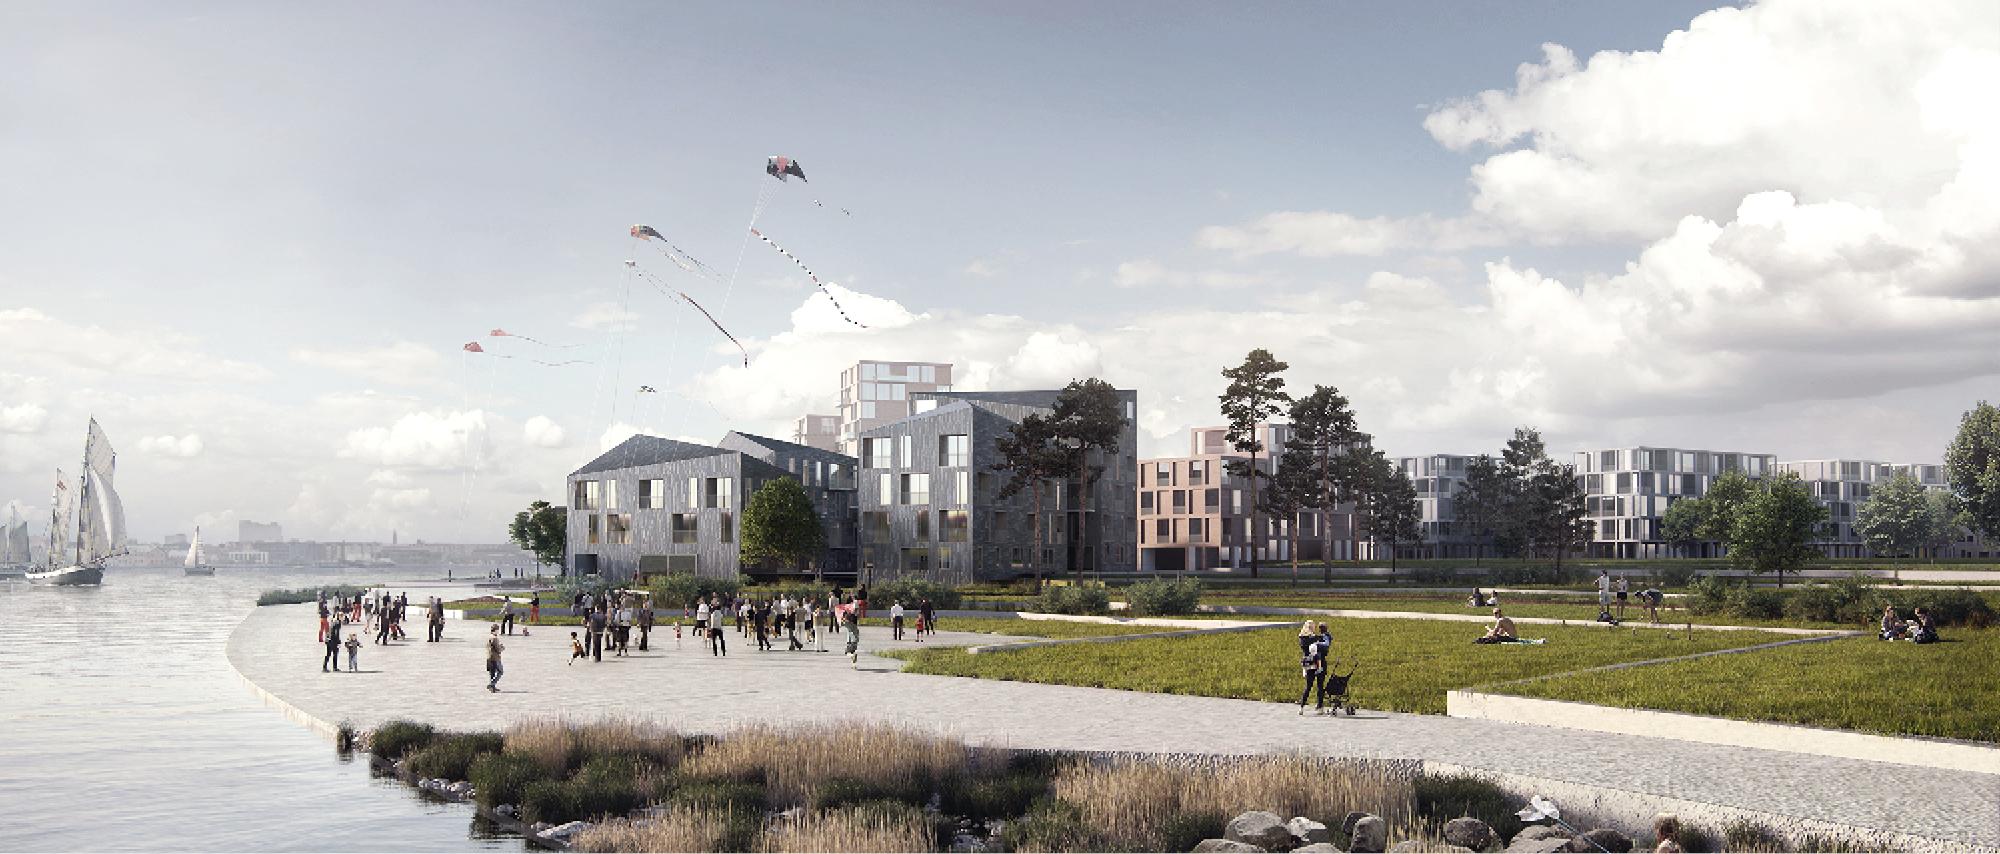 017_EFFEKT_Project_1614_Stigsborg Havnefront_©EFFEKT.jpg